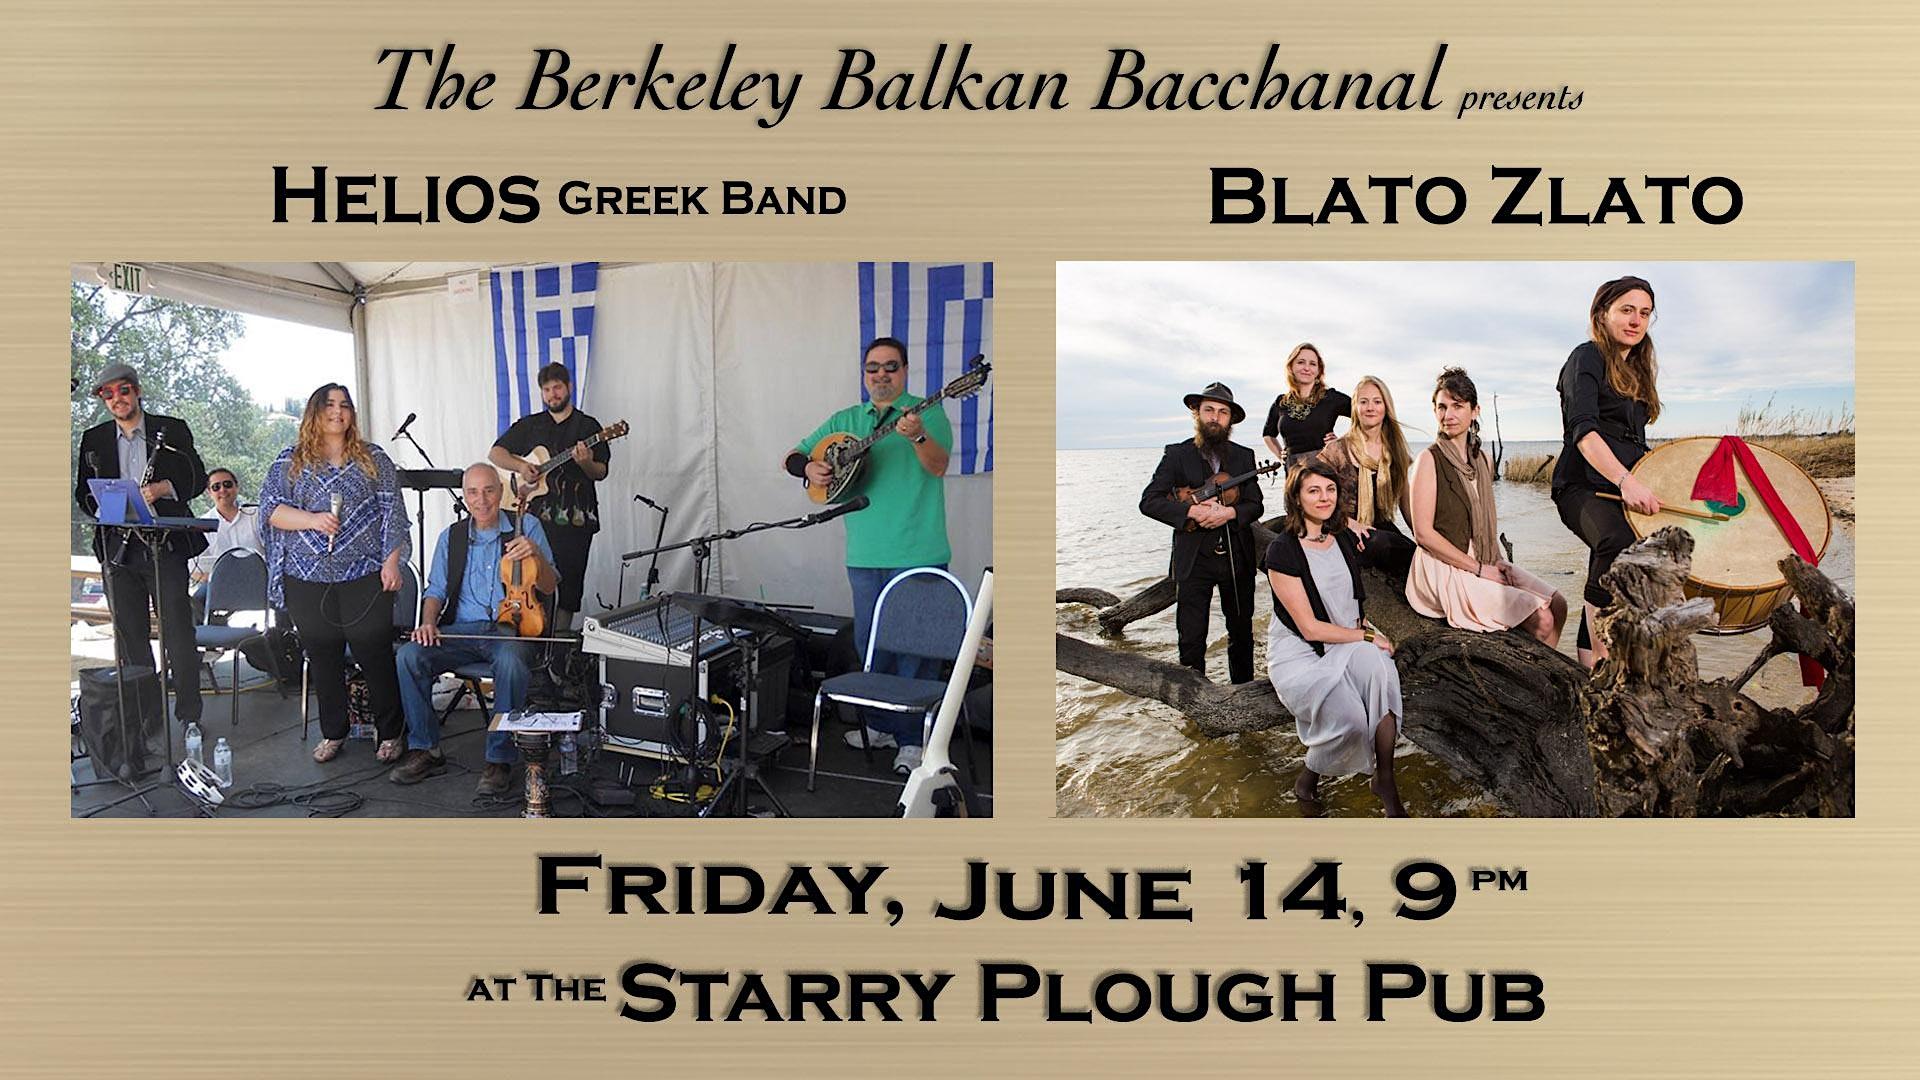 Berkeley Balkan Bacchanal with Blato Zlato and Helios